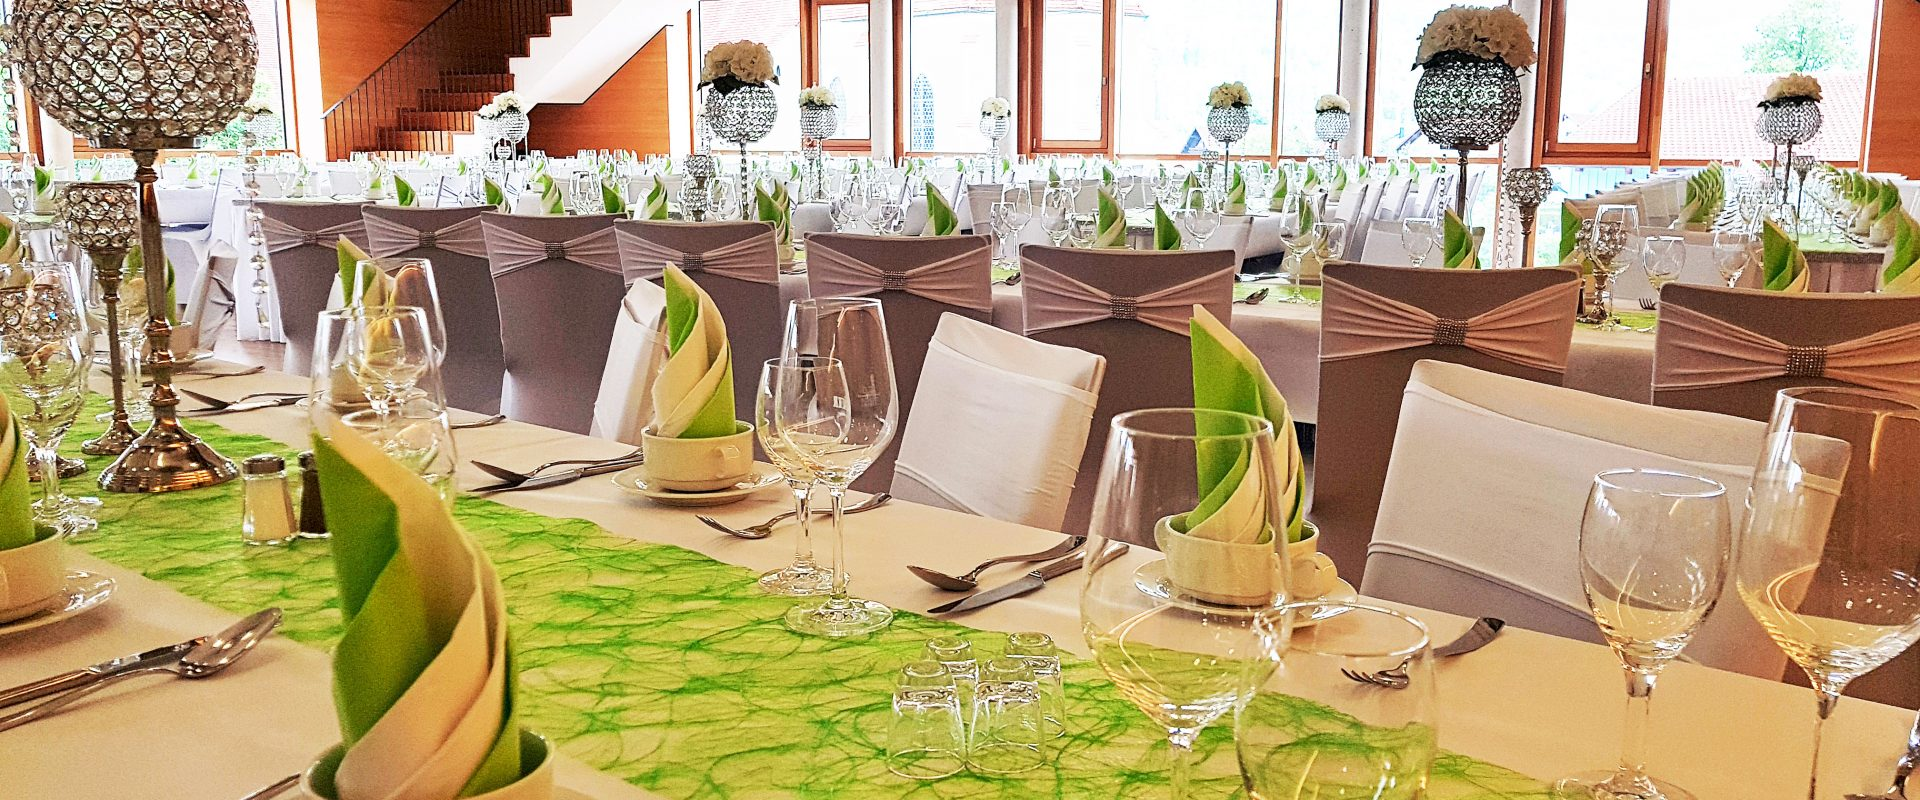 Hochzeitssaal im Allgäu Hotel Kultiviert